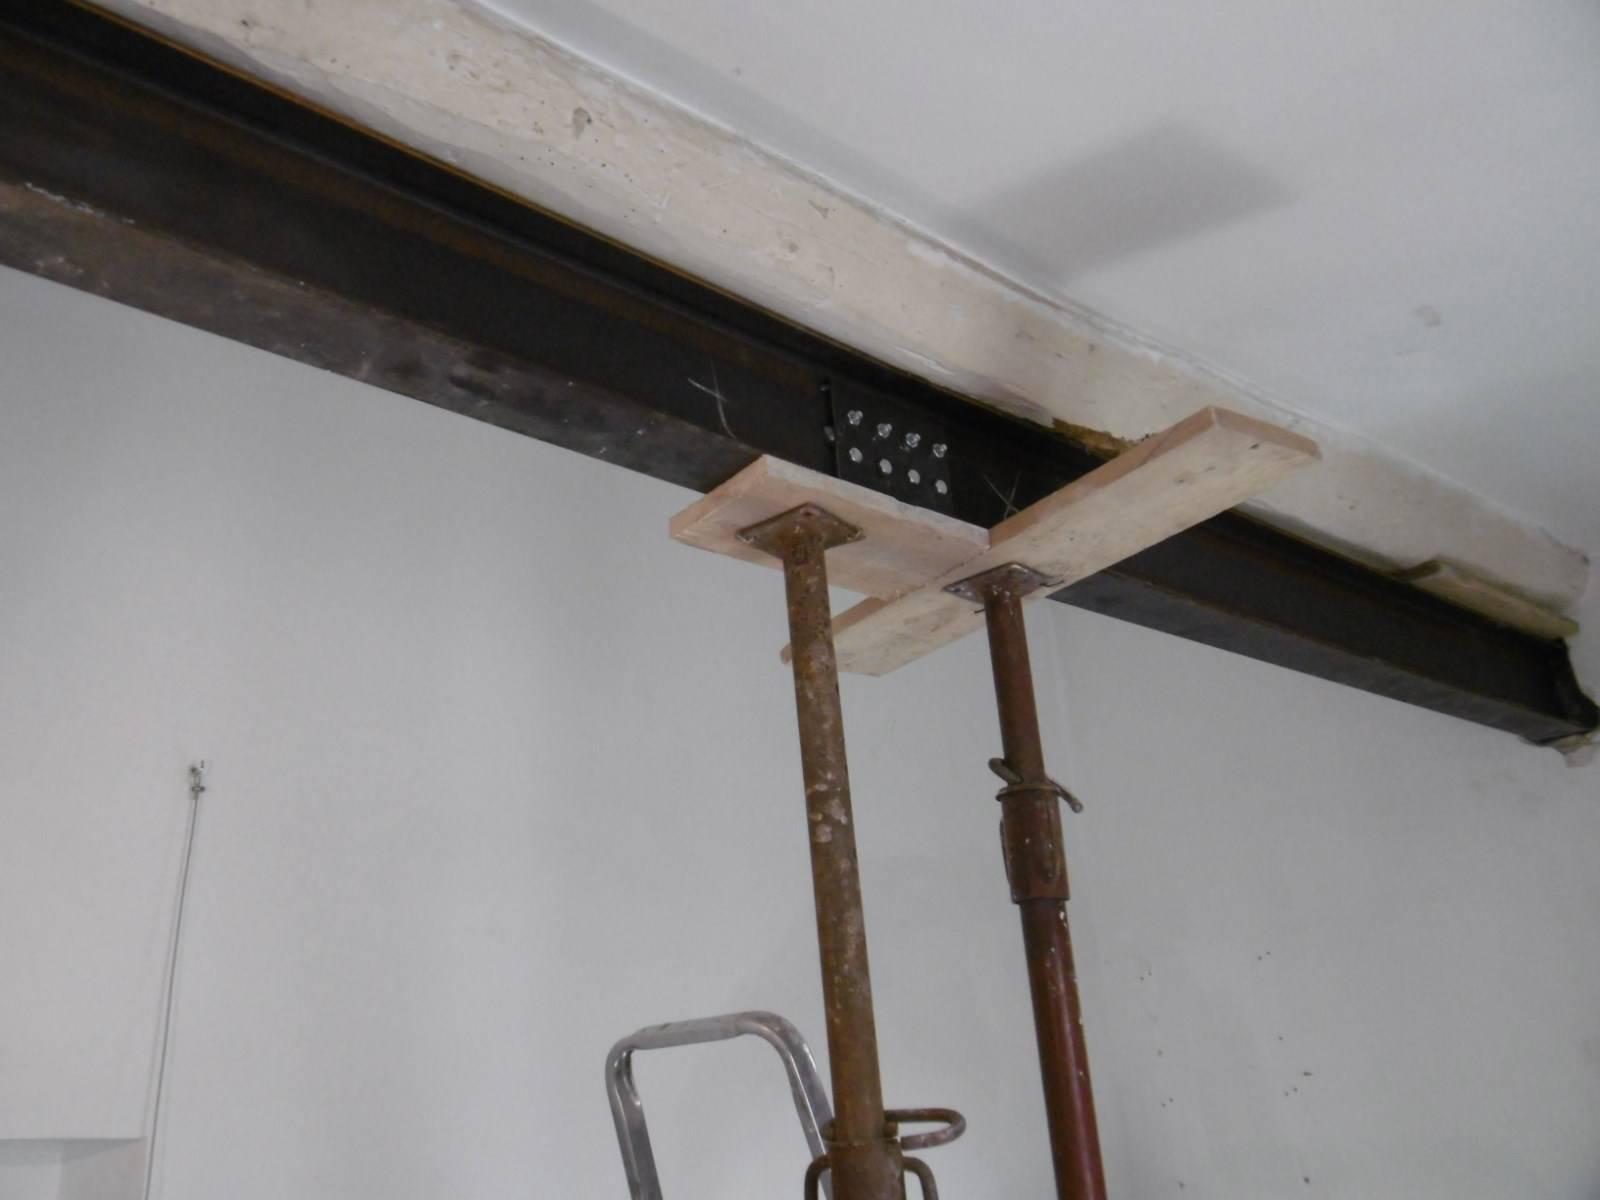 renforcement d 39 une poutre bois d fectueuse par nos charpentiers couvreurs aix en provence. Black Bedroom Furniture Sets. Home Design Ideas